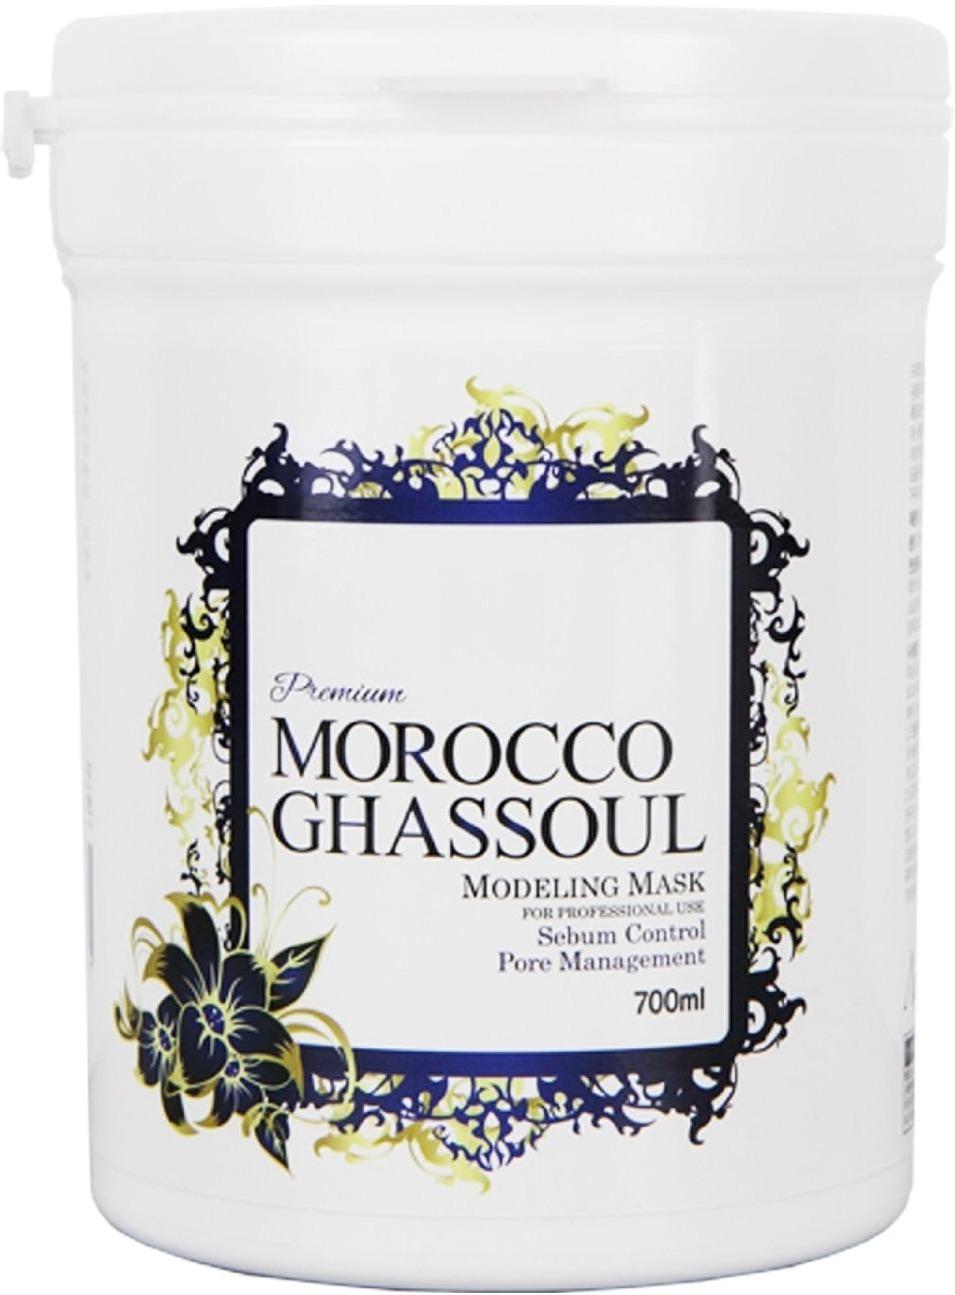 Anskin Morocco Ghassoul Modeling Mask  container&amp;nbsp;Маска содержит в себе секреты, привезенные из далекого Марокко. Издавна марокканские женщины пользовались вулканической глиной, обладающей уникальными оздоравливающими и омолаживающими свойствами. Теперь этот ингредиент доступен для каждой желающей в альгинатной маске Anskin.<br>&amp;nbsp;Вулканическая глина сужает поры, успокаивает чувствительную кожу, снимает покраснения и замедляет выработку себума. Маска помогает коже обновиться, избавляя её от омертвевших клеток и запуская процесс выработки новых.<br>&amp;nbsp;Легкий охлаждающий эффект Morocco Ghassoul Modeling Mask замедляет работу сальных желез, снимает раздражения и оказывает легкое подтягивающее действие. Благодаря охлаждению ускоряется микроциркуляция кровяных сосудов и с лица уходят мелкие морщинки.<br>&amp;nbsp;Почему именно альгинатная формула? Альгинаты выступают в роли губки для потовых выделений и токсинов, содержащихся на поверхности эпидермиса. Вытягивая вредные соединения и вещества, маска одновременно выравнивает тон кожи и нормализует её гидробаланс.<br><br>Объём контейнера: 700 мл.<br><br>Масса сухого вещества: 240/1000 гр.<br><br>&amp;nbsp;<br><br>Способ применения:<br><br>Развести с холодной водой в пропорции 1:1 и нанести на очищенную кожу лица. Оставить на 20 минут и снять одним движением, потянув за края.<br>